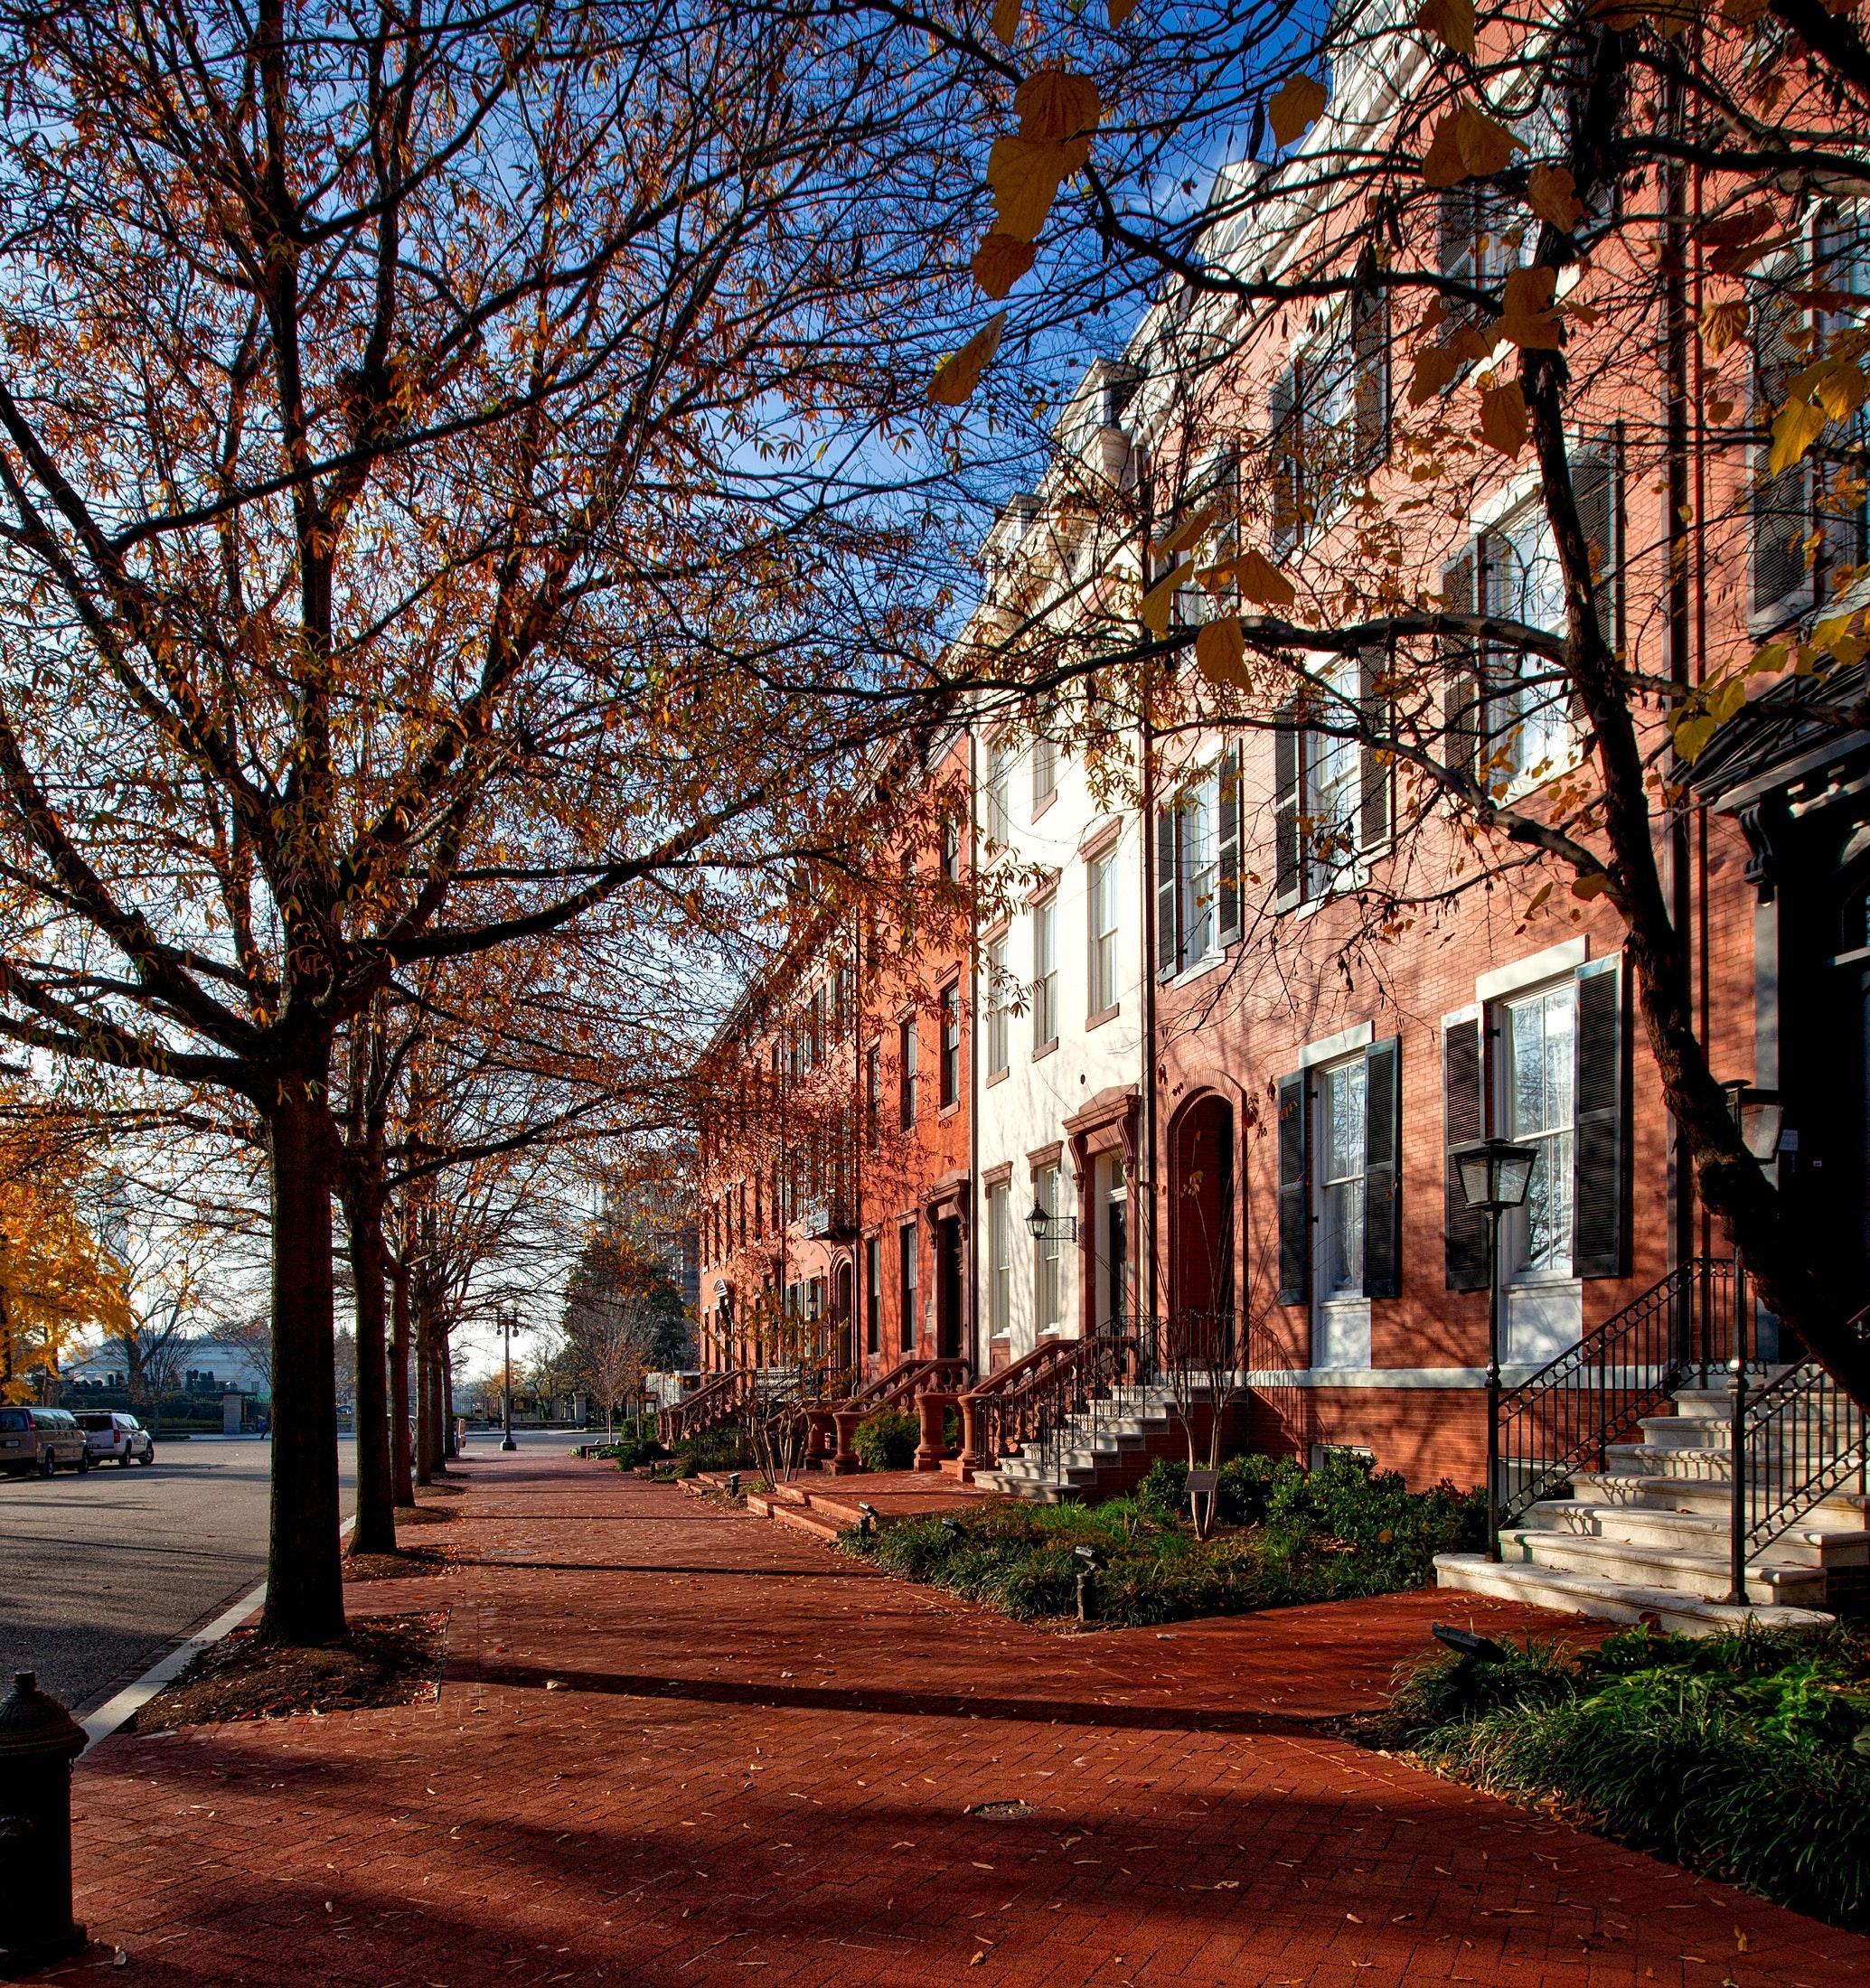 architecture-autumn-brownstones-161768.jpg